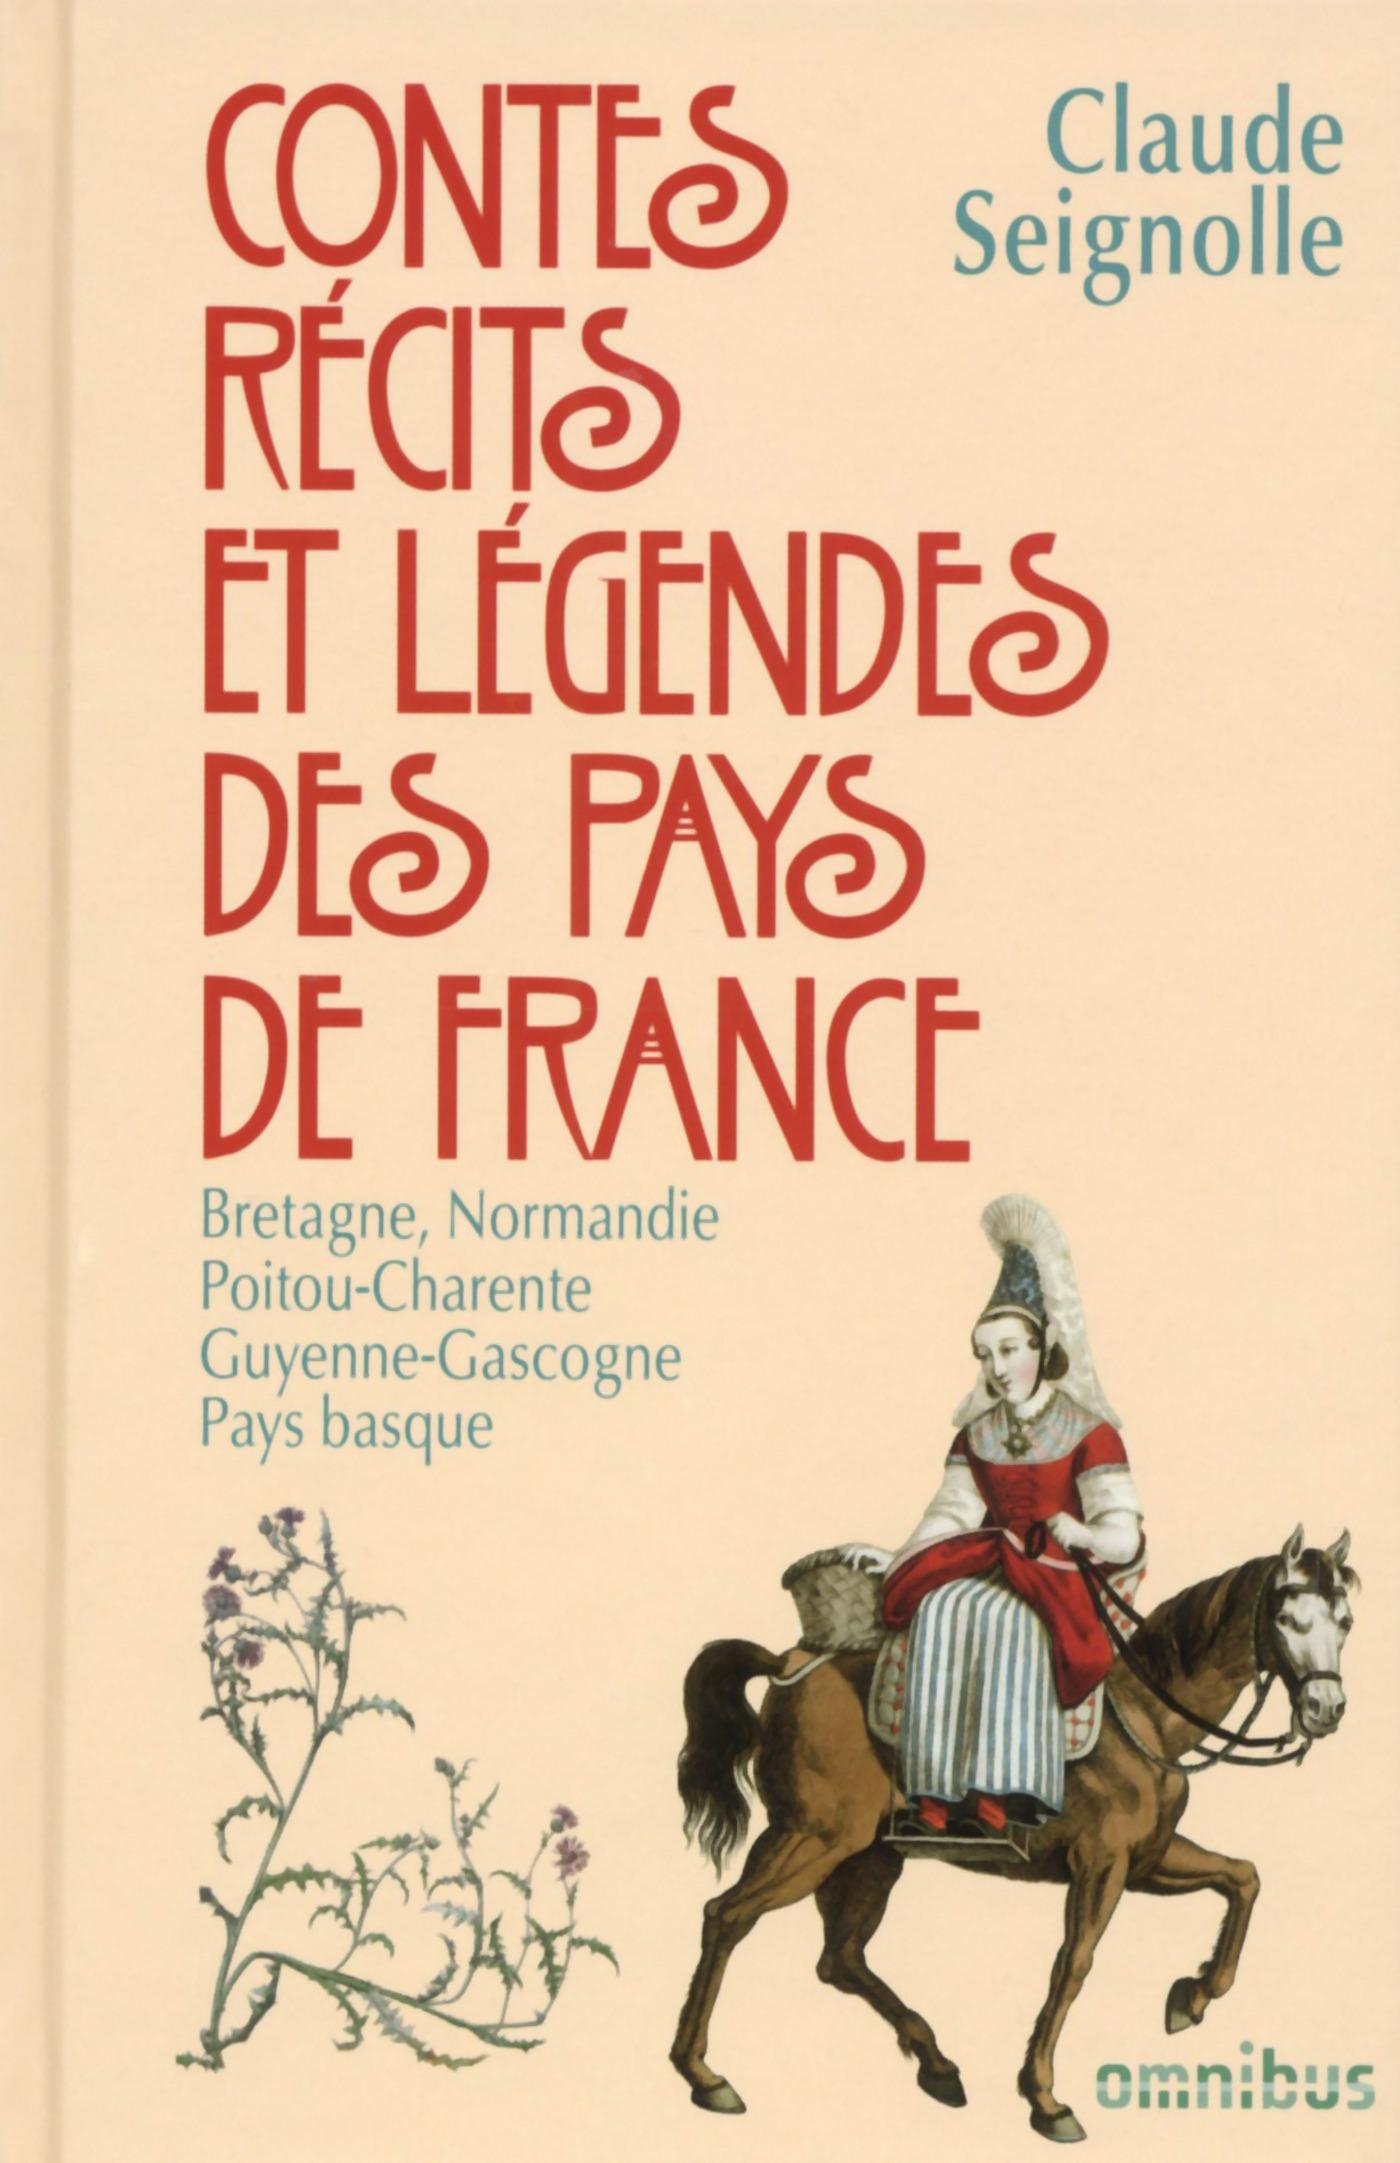 Contes, récits et légendes des pays de France 1 (ebook)